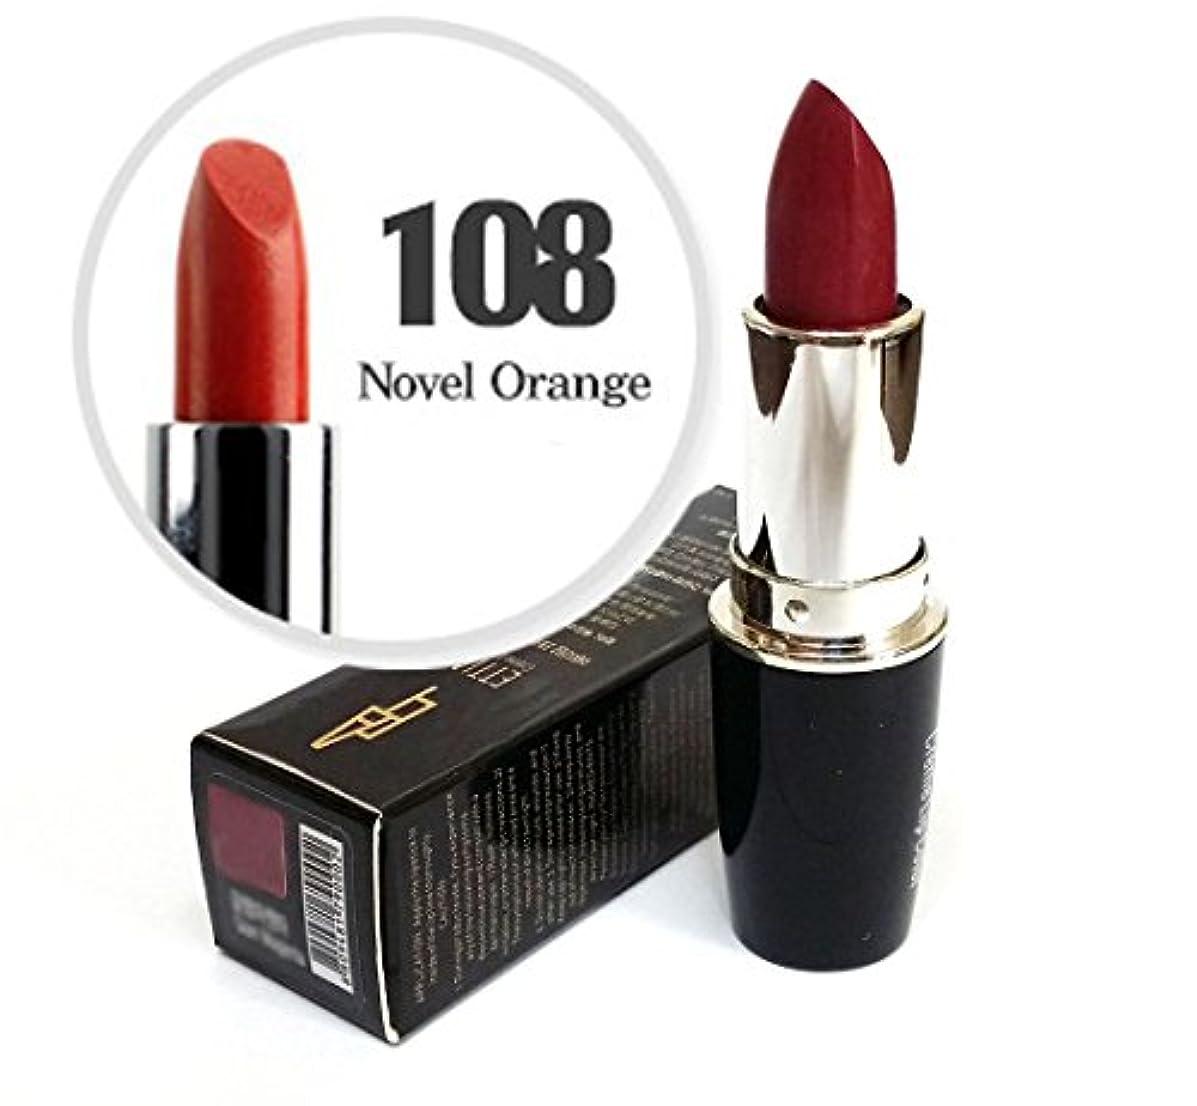 説明的悲観主義者貞[Ettian] クリームリップカラー3.5g / Cream Lip Color 3.5g / 新しい口紅 #108小説オレンジ/ New Lipstick #108 Novel Orange / ドライ感じることはありません...